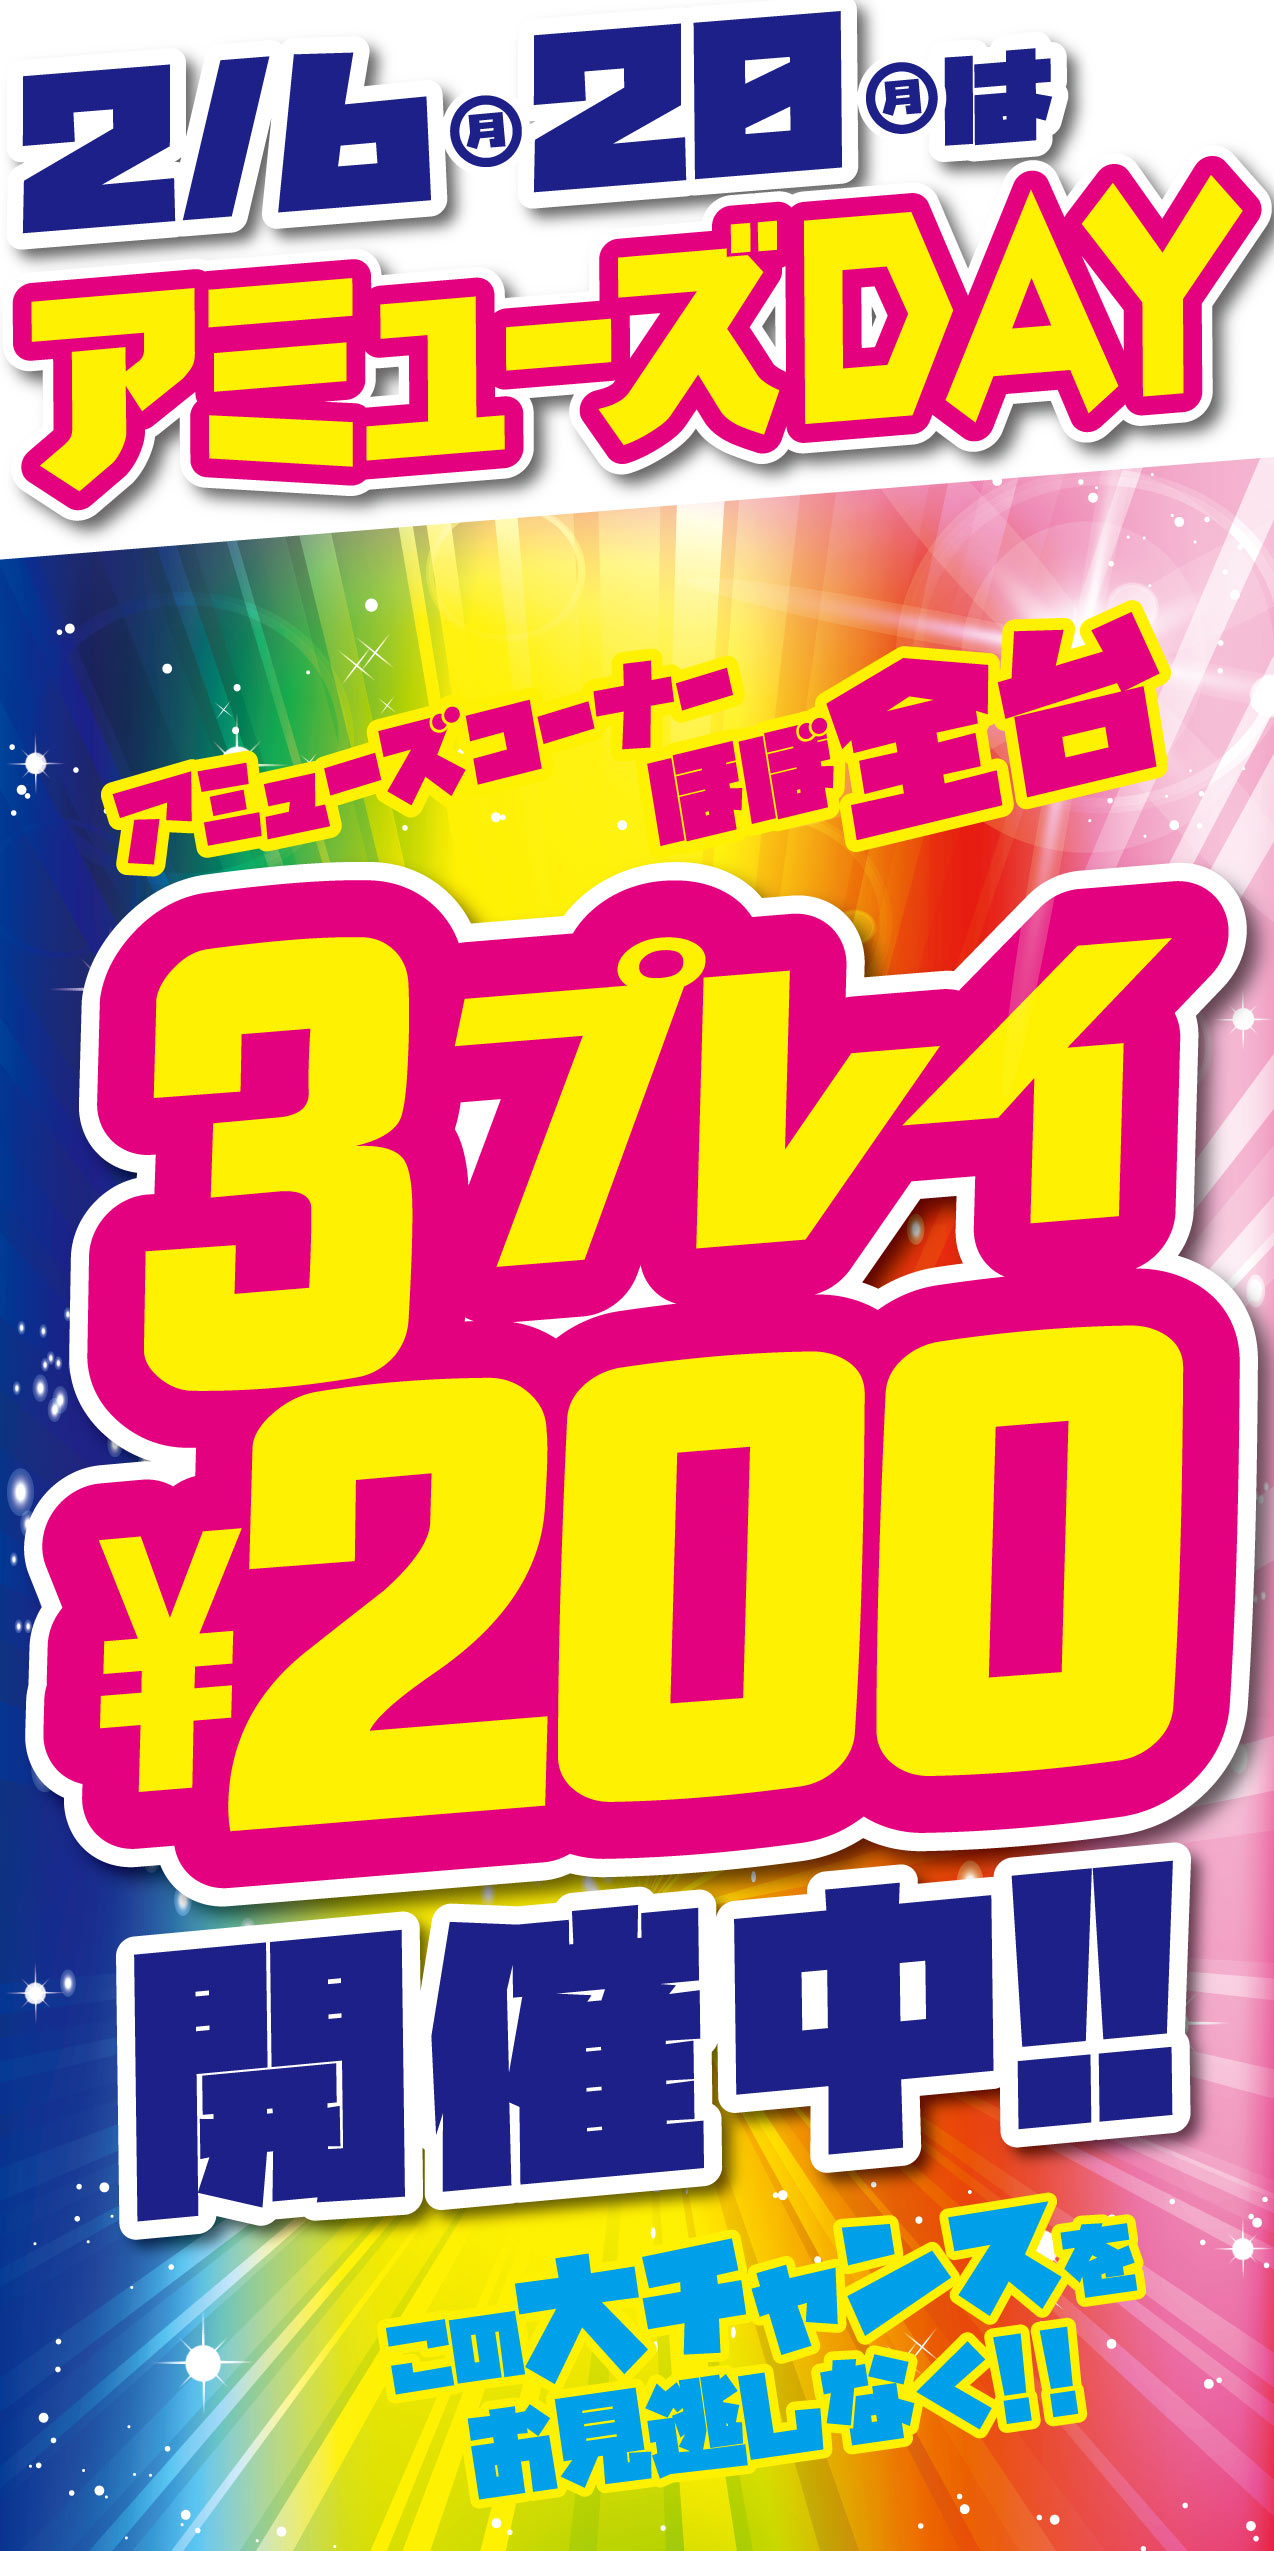 「開放倉庫桜井店」2017年2月6日&20日の月曜日はっ!!アミューズDAY開催!!